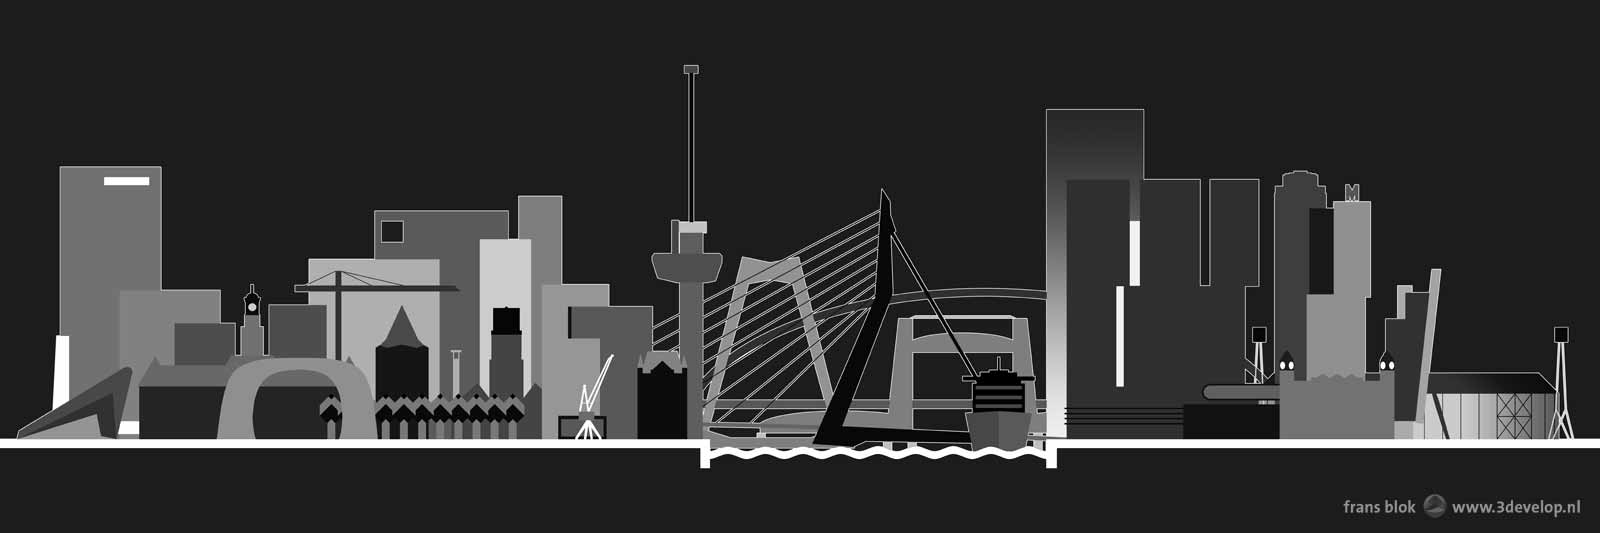 Grafische voorstelling van de skyline van Rotterdam by nacht met de Markthal, de Euromast, de Erasmusbrug en talloze andere gebouwen, bruggen en andere landmarks